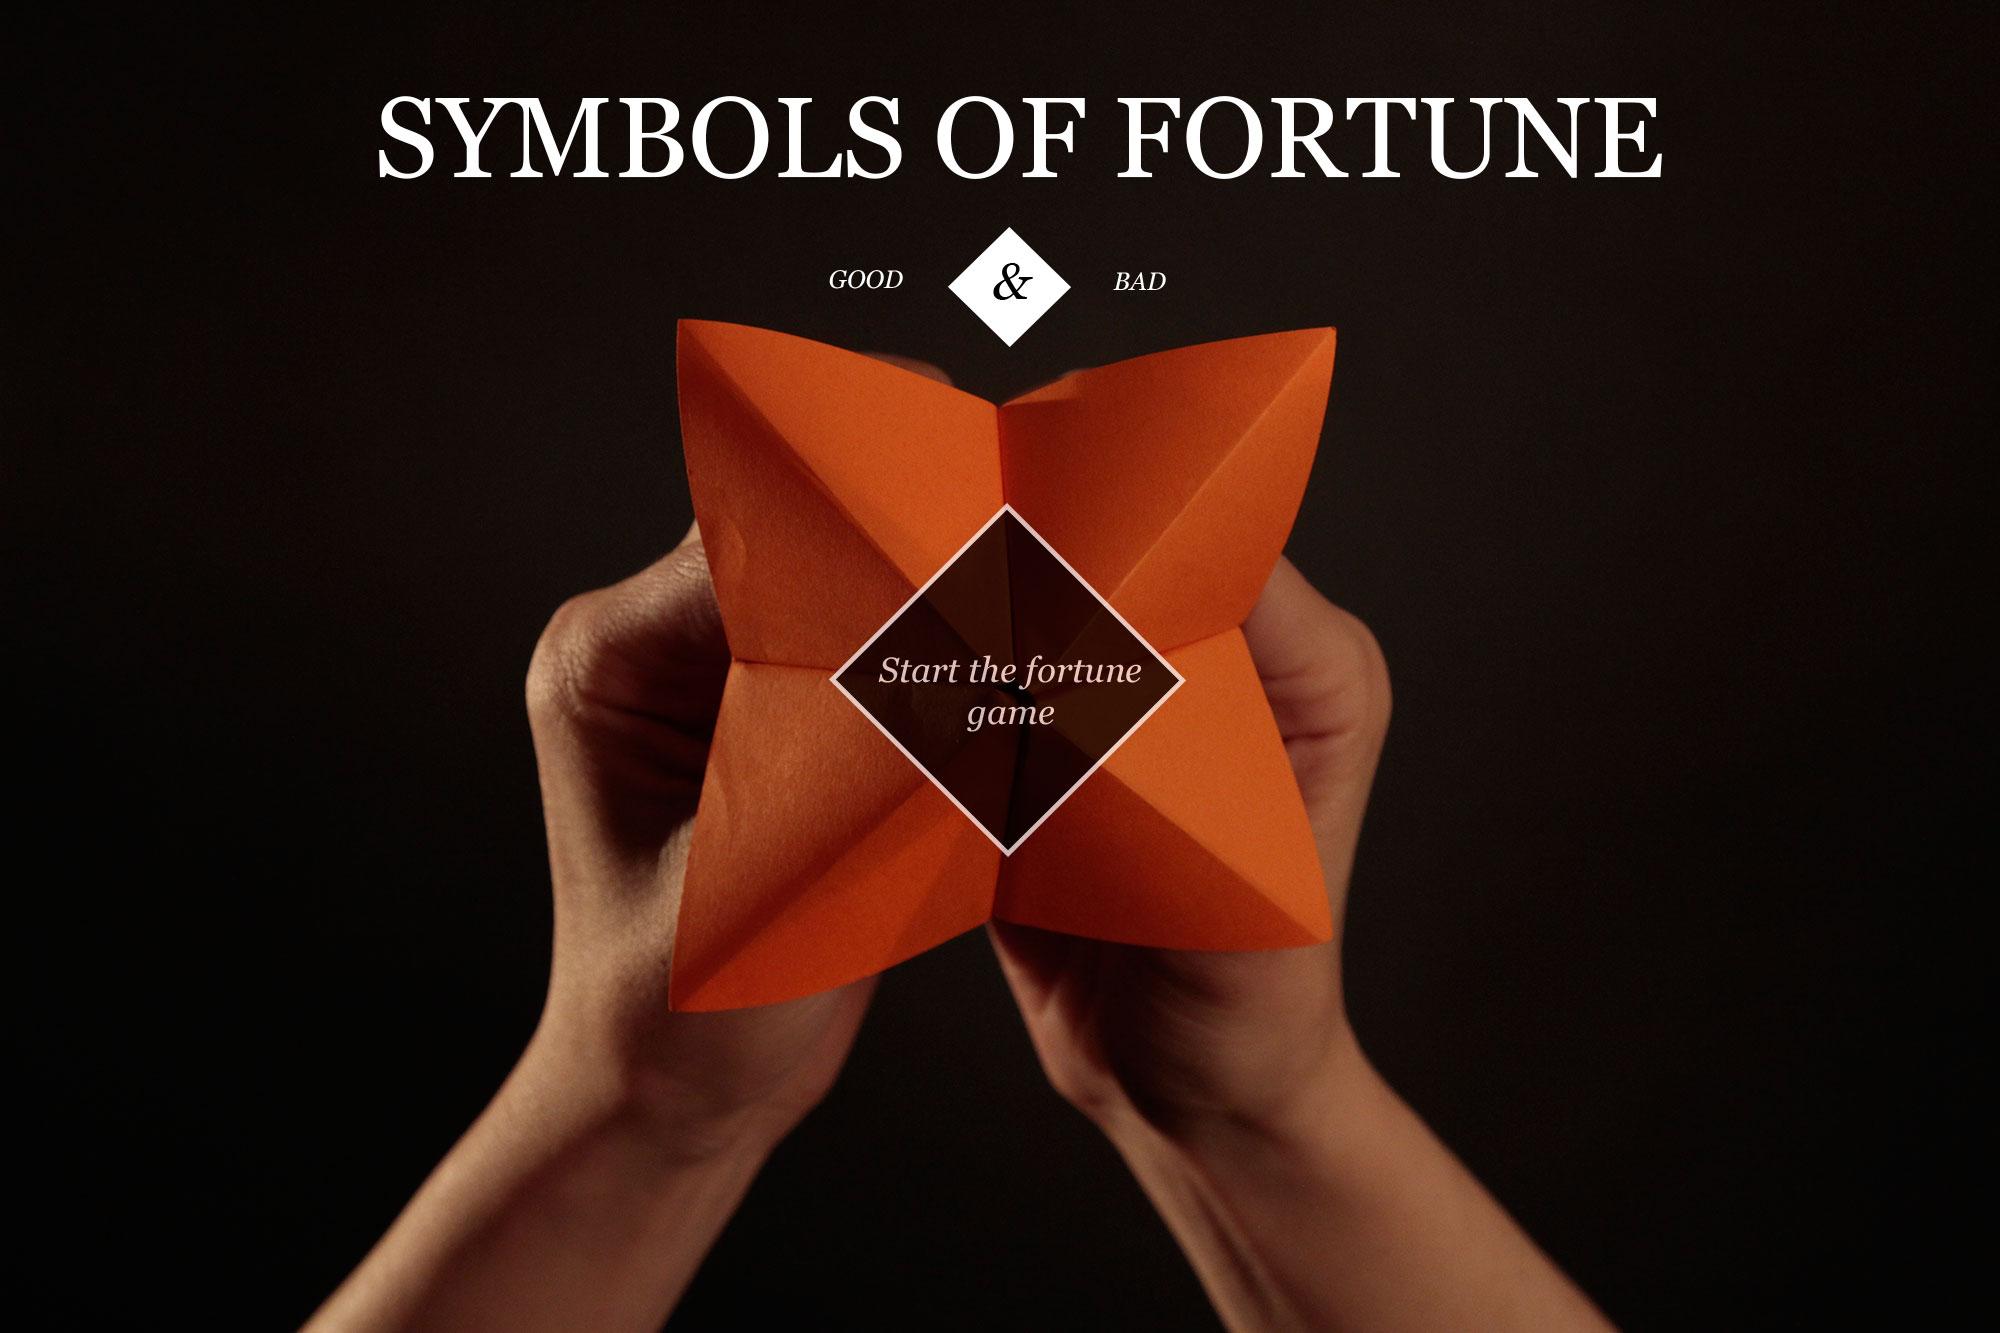 SYMBOLS OF FORTUNE